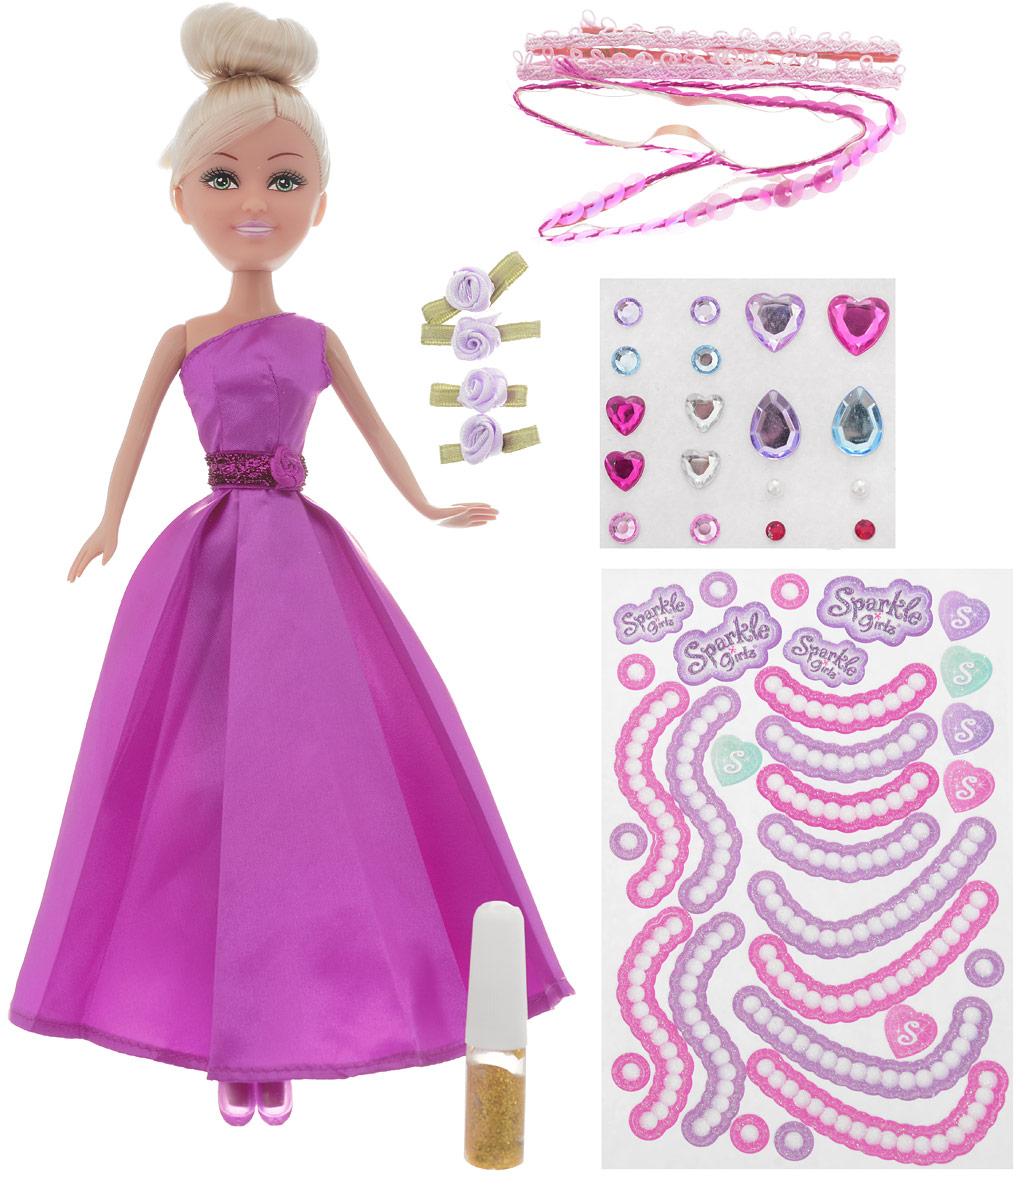 Funville Игровой набор с куклой Sparkle Girlz с аксессуарами для украшения платья цвет платья малиновый funville кукла sparkle girlz модница в рожке в ассортименте funville